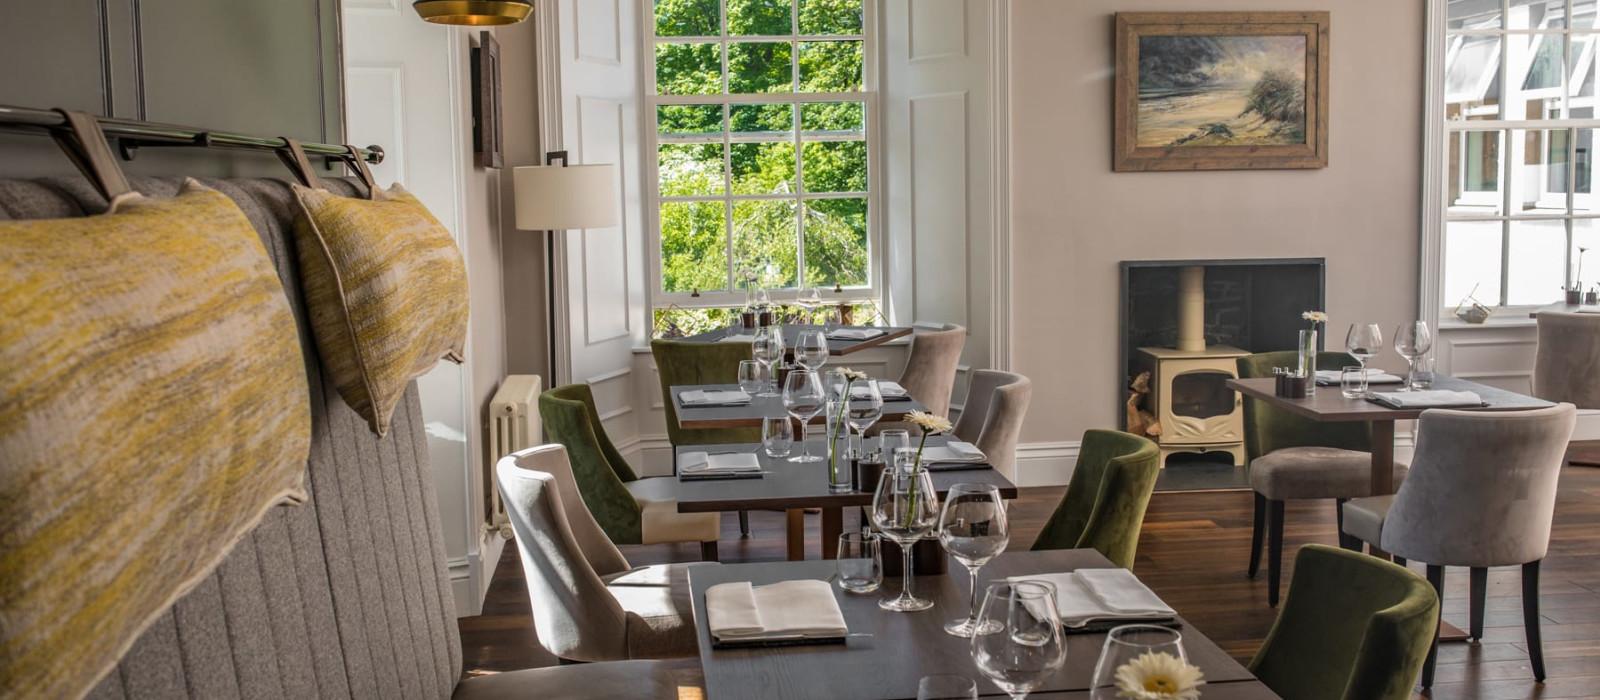 Hotel Marmalade  UK & Ireland